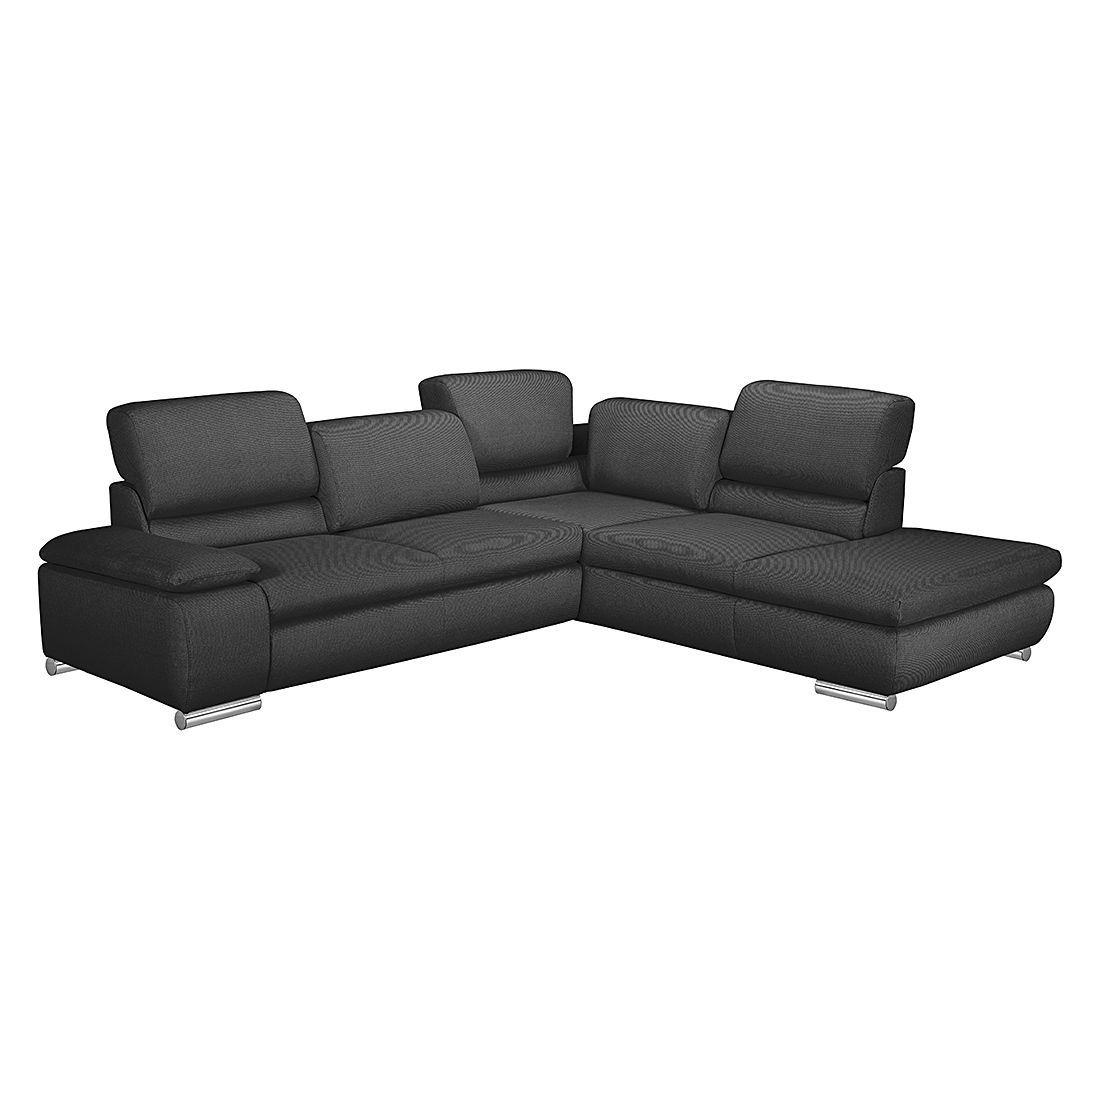 Ecksofa Masca I Strukturstoff Sofa Sofas